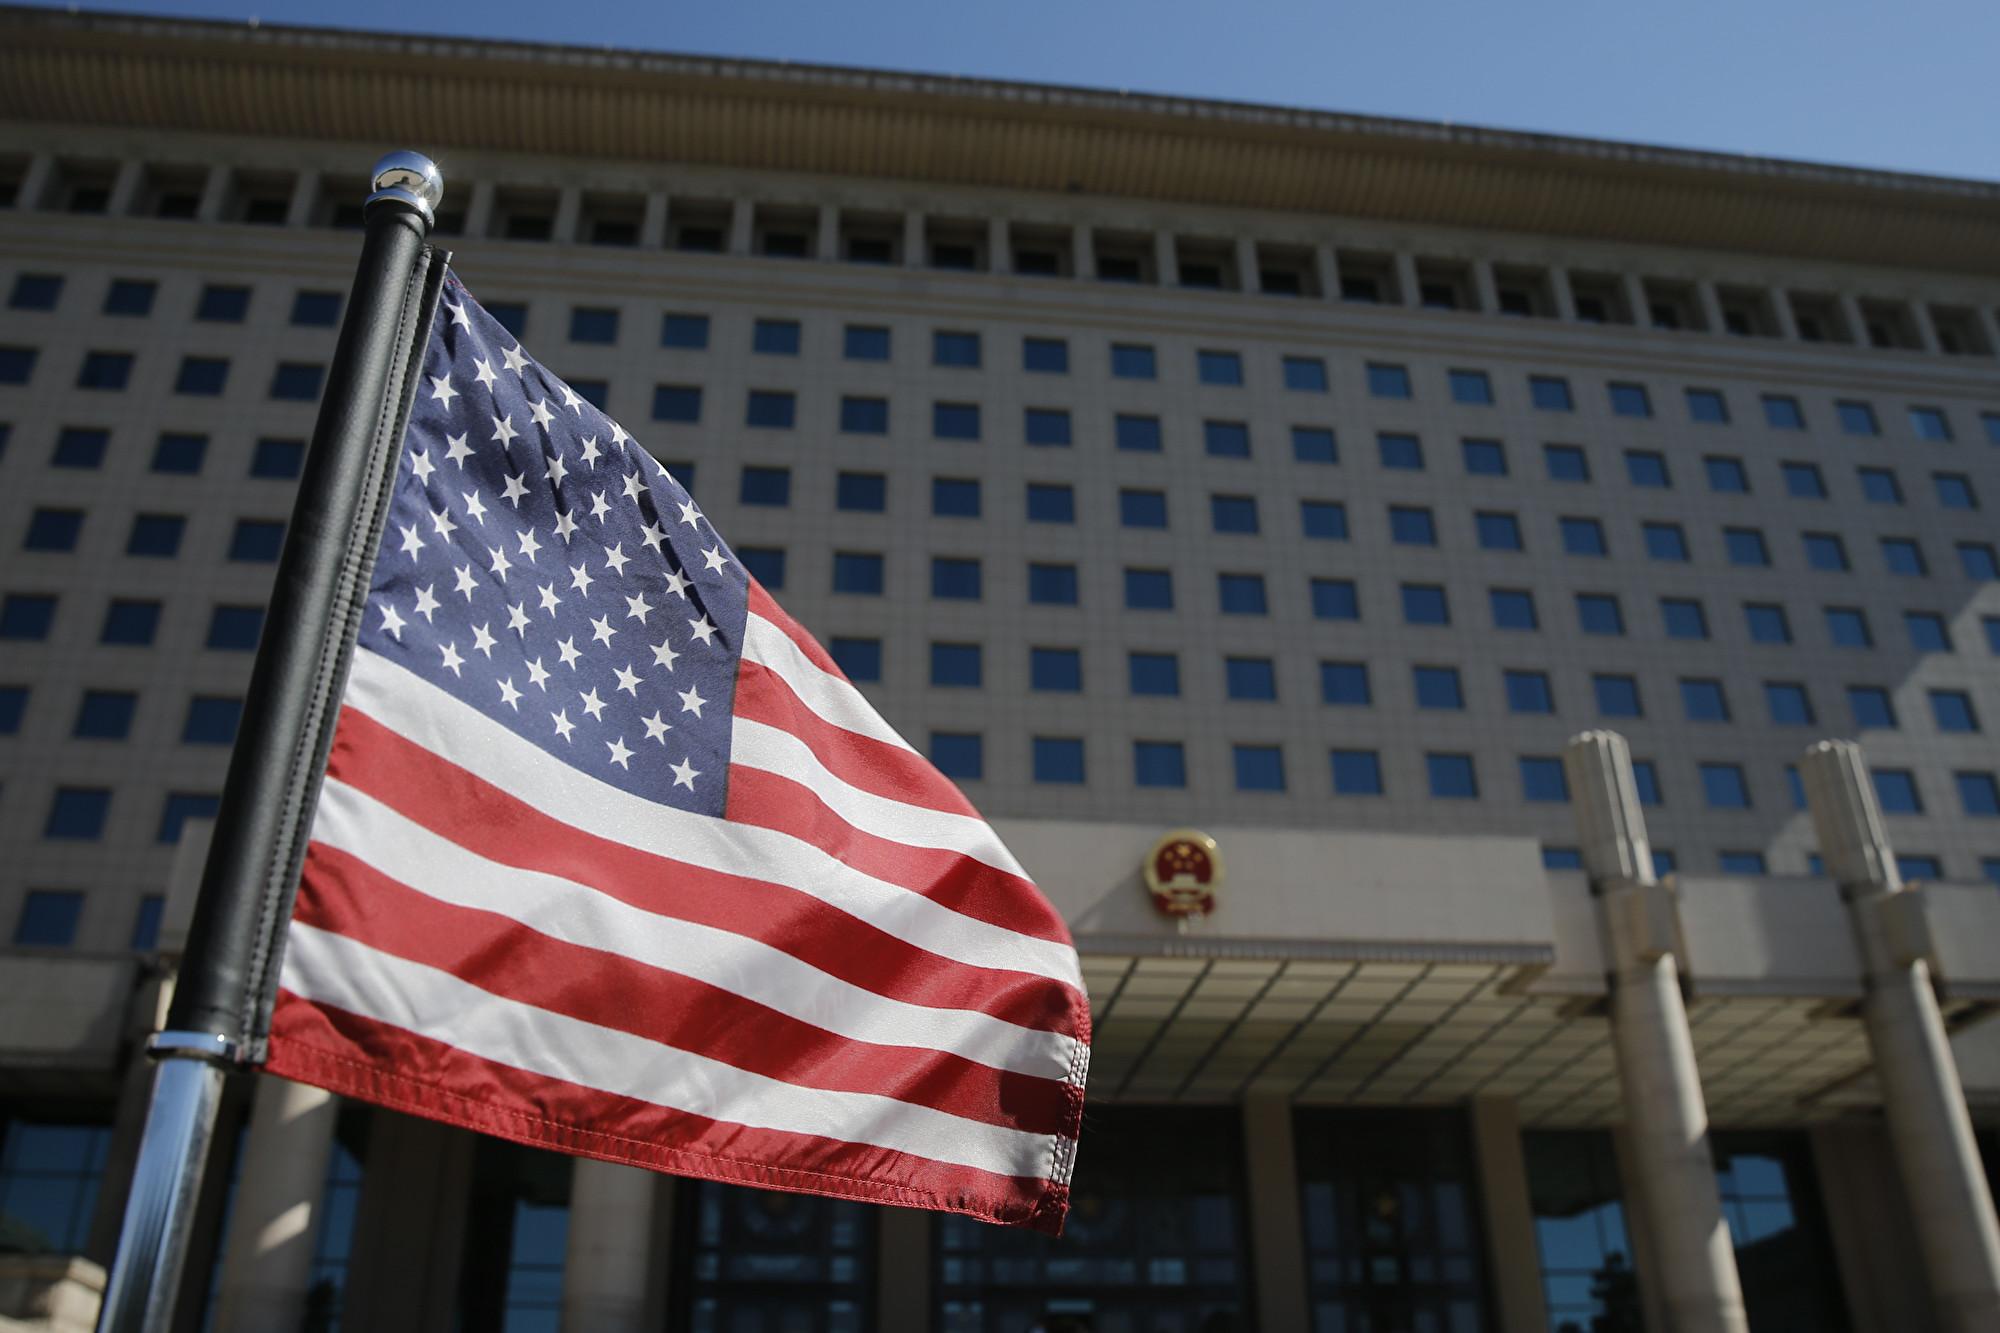 美國律師、總統前顧問和普立茲獎得主均表示支持特朗普和中共打貿易戰,因為只有強硬才能迫使中共改變不公貿易行為。(THOMAS PETER/AFP/Getty Images)